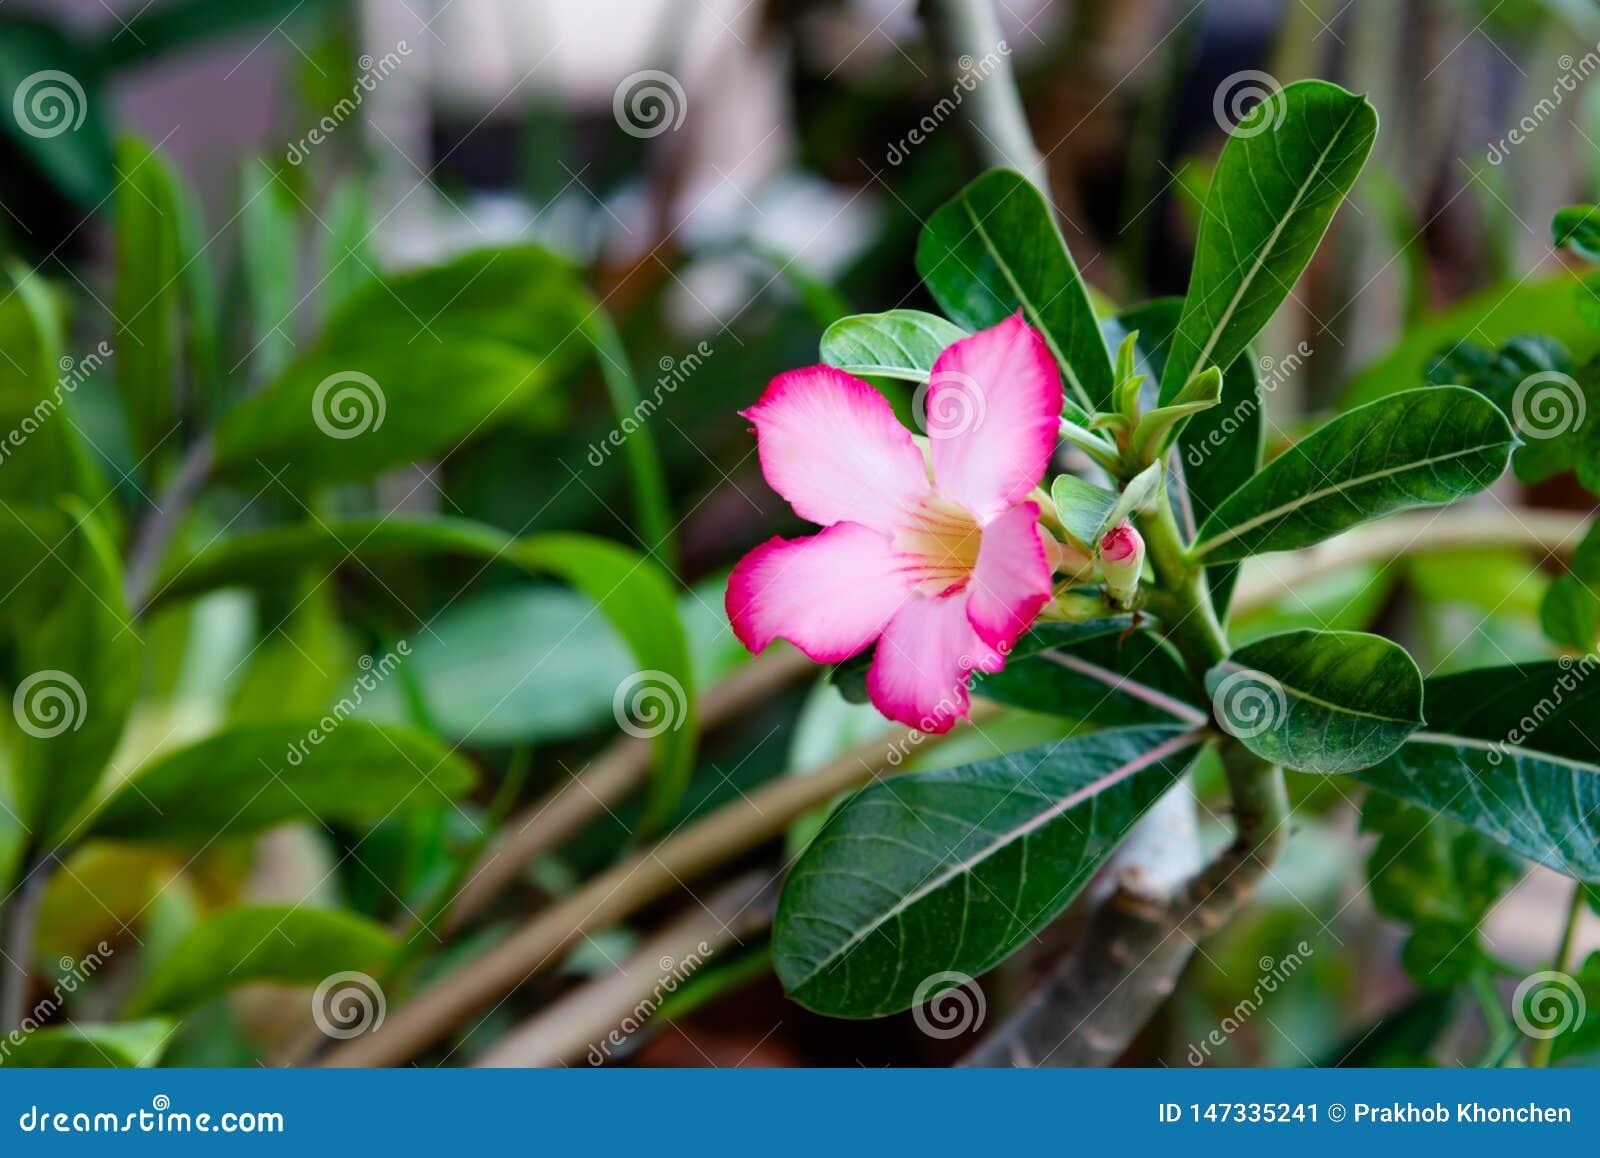 Pink Bignonia flowers or Adenium flowers, Adenium multiflorum